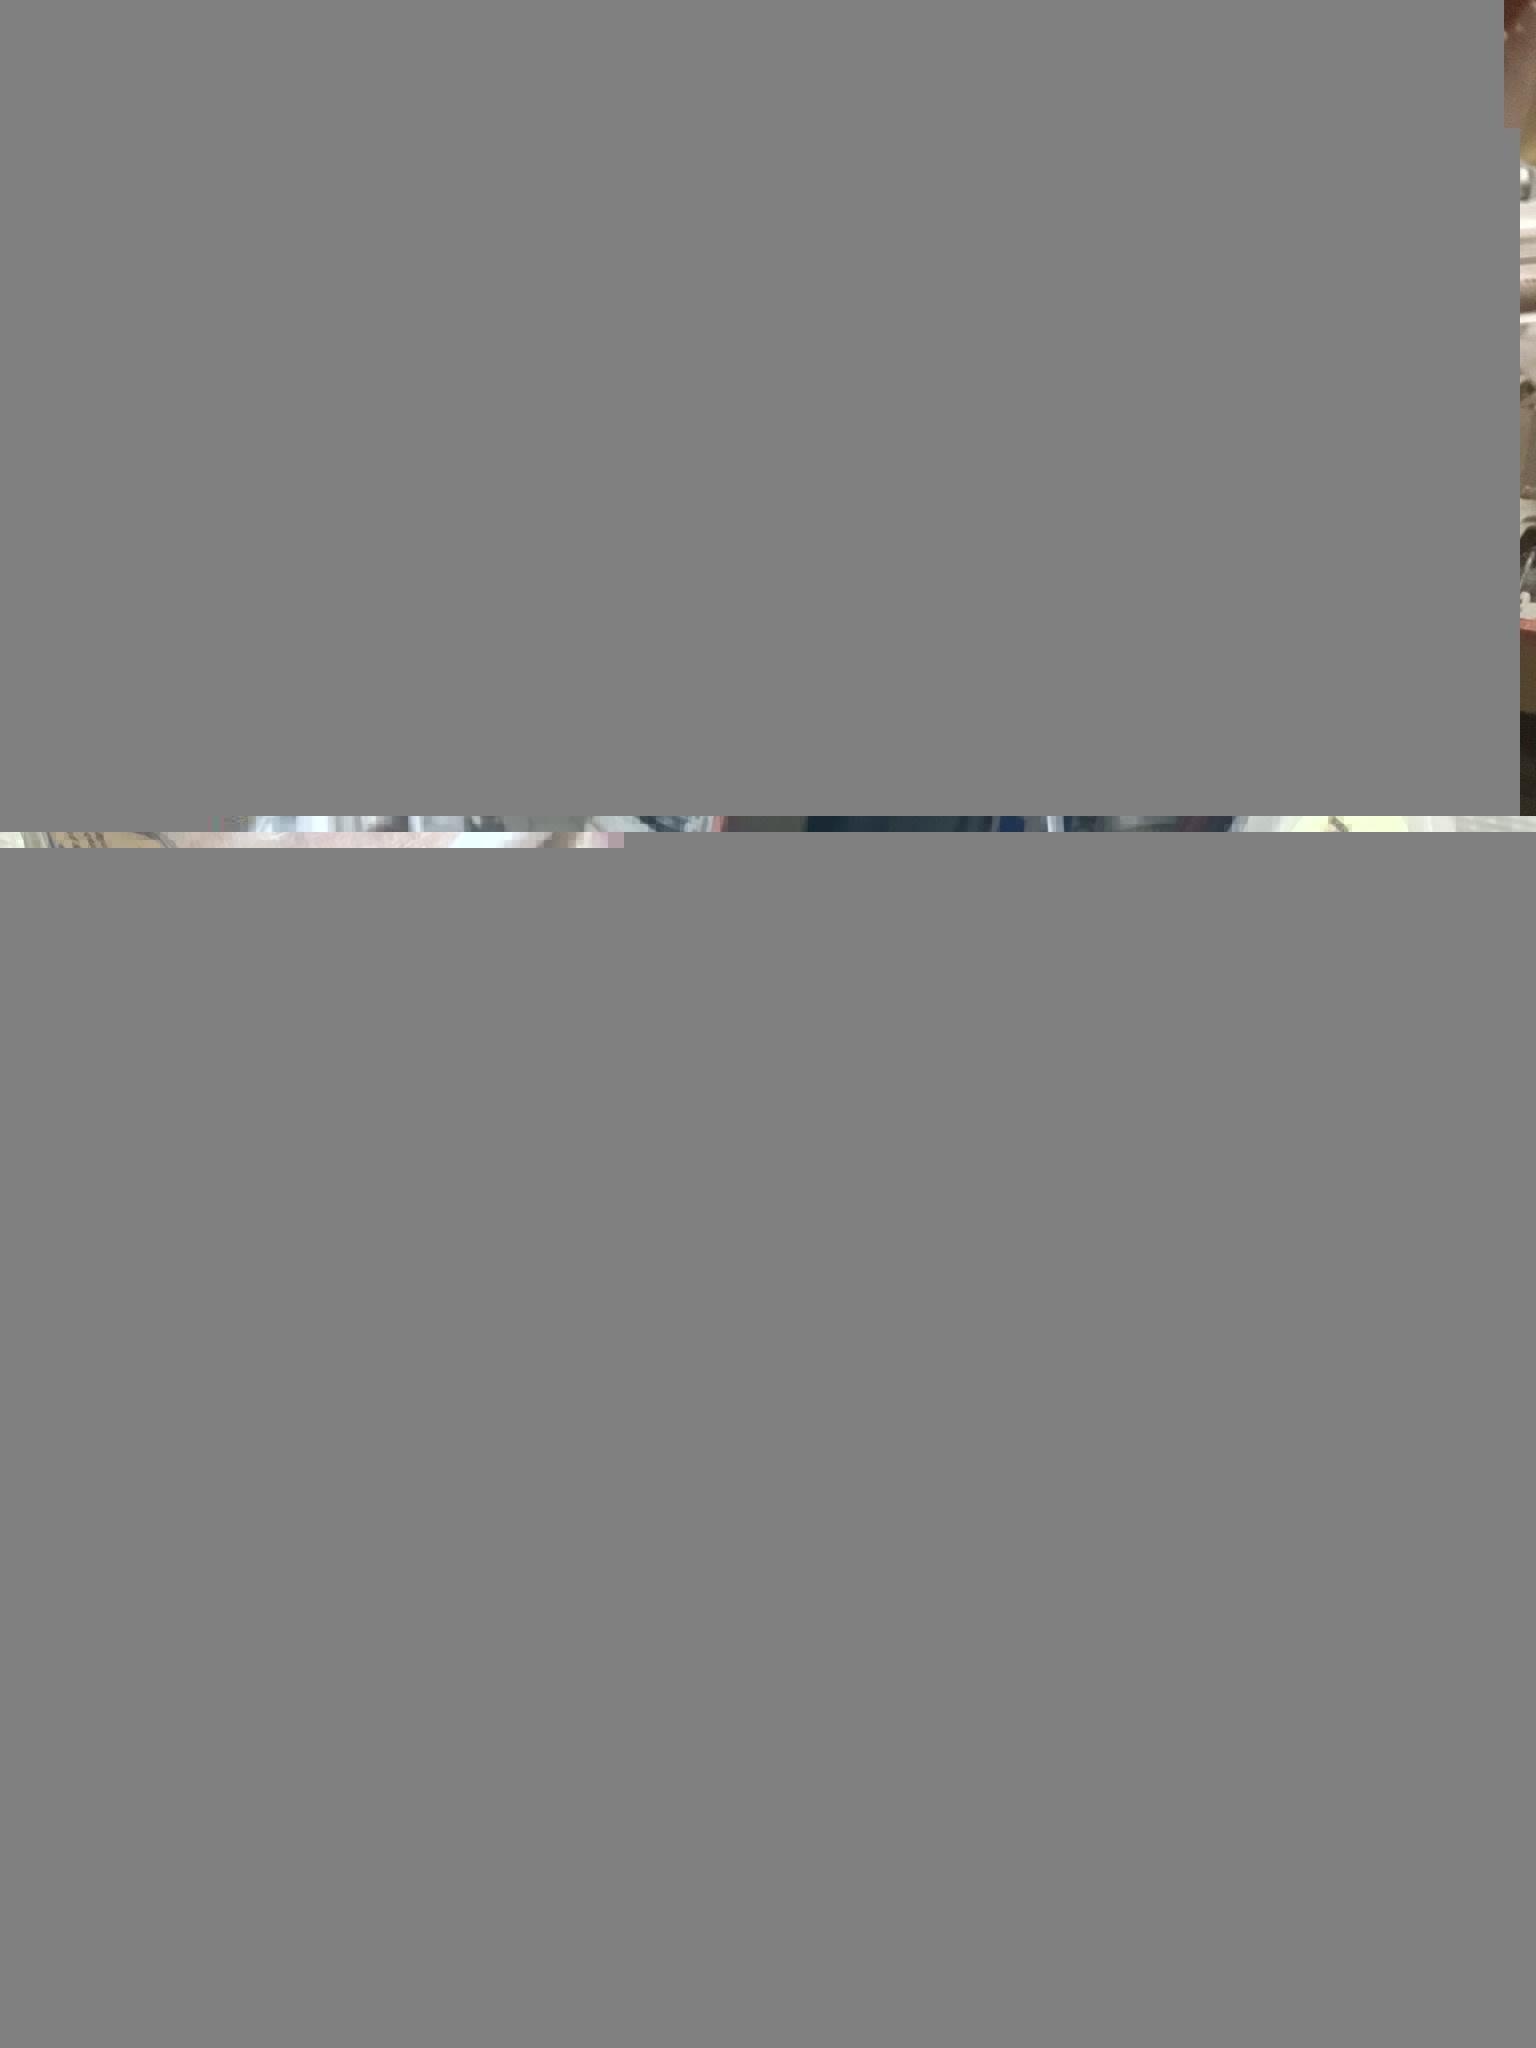 8B857AC7-DA01-4D2F-A749-517EF51578CB.jpeg